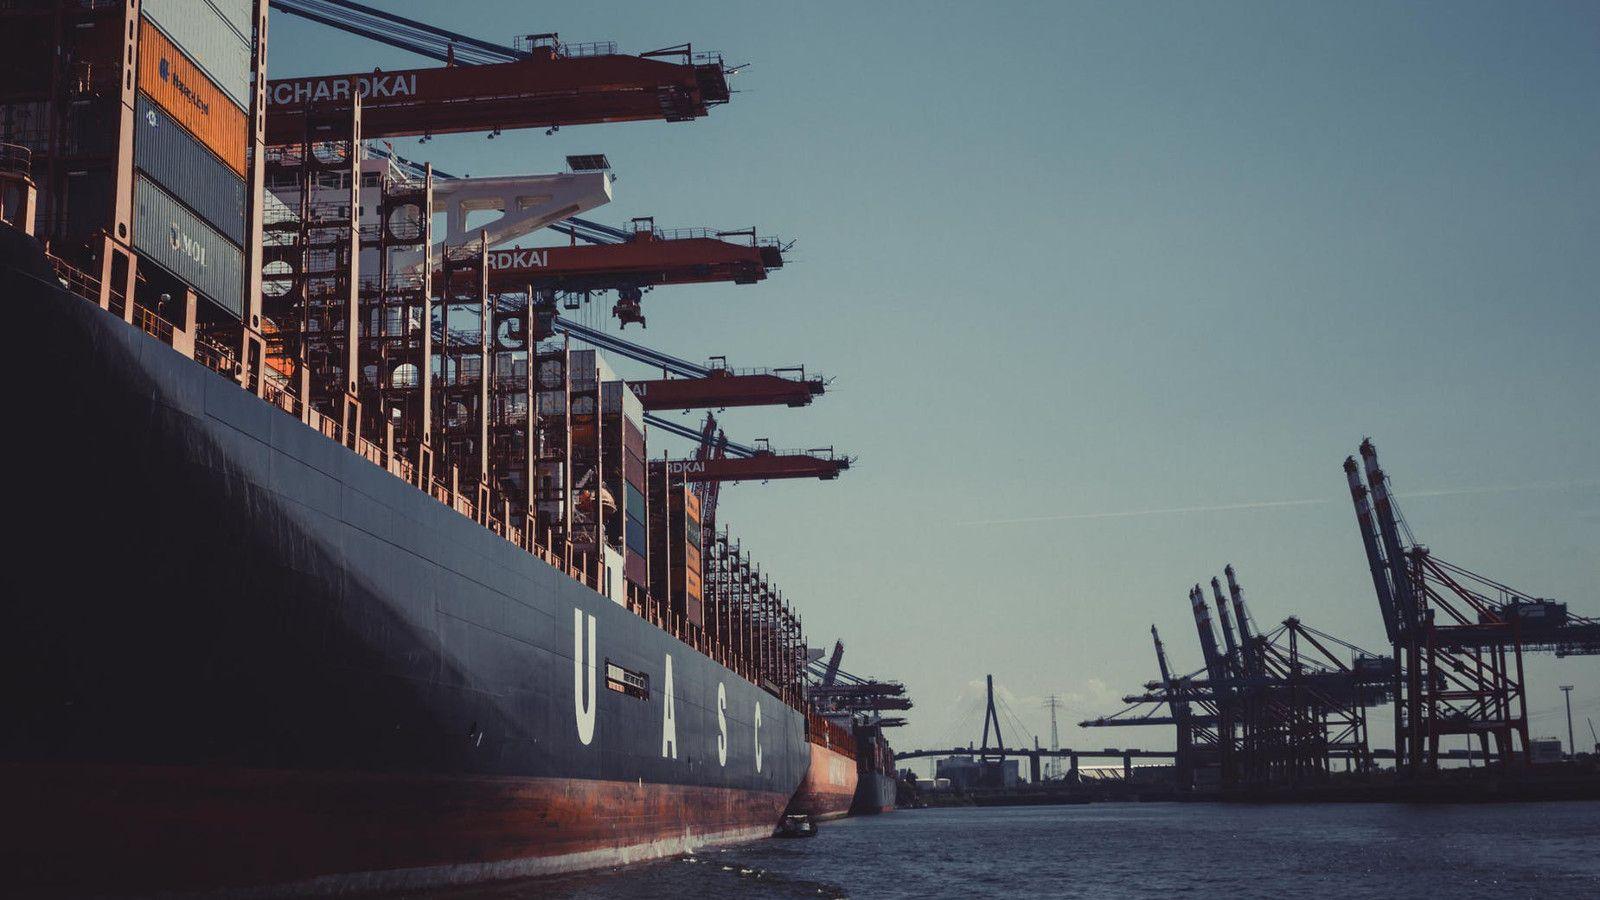 El Puerto de Rotterdam ha iniciado su transición energética para reducir el uso de combustibles fósiles. [Imagen de Sascha Hormel]